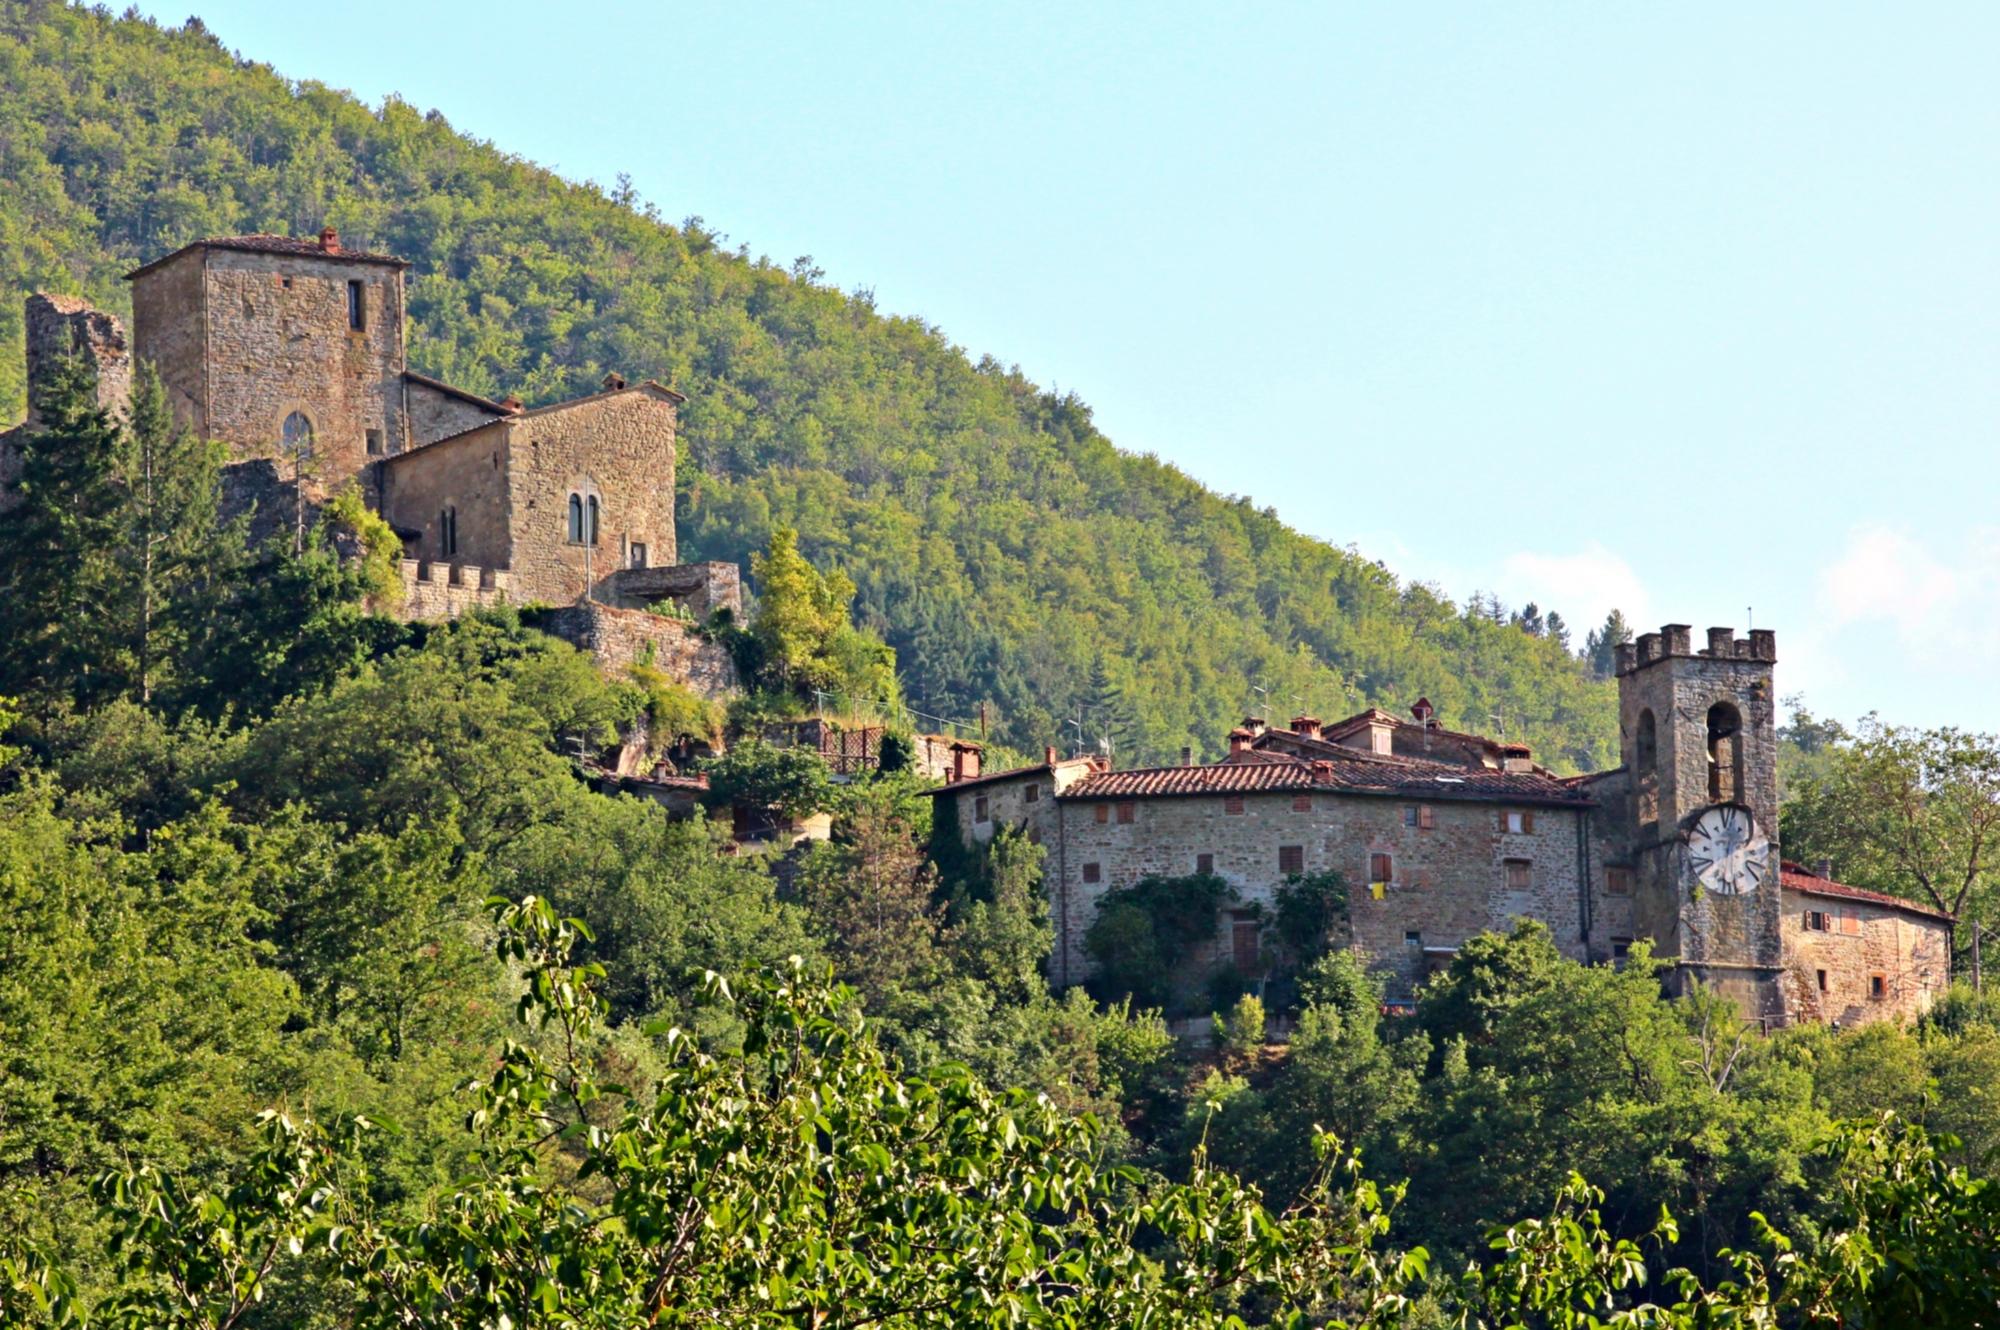 Castel San Niccolò (Ar)